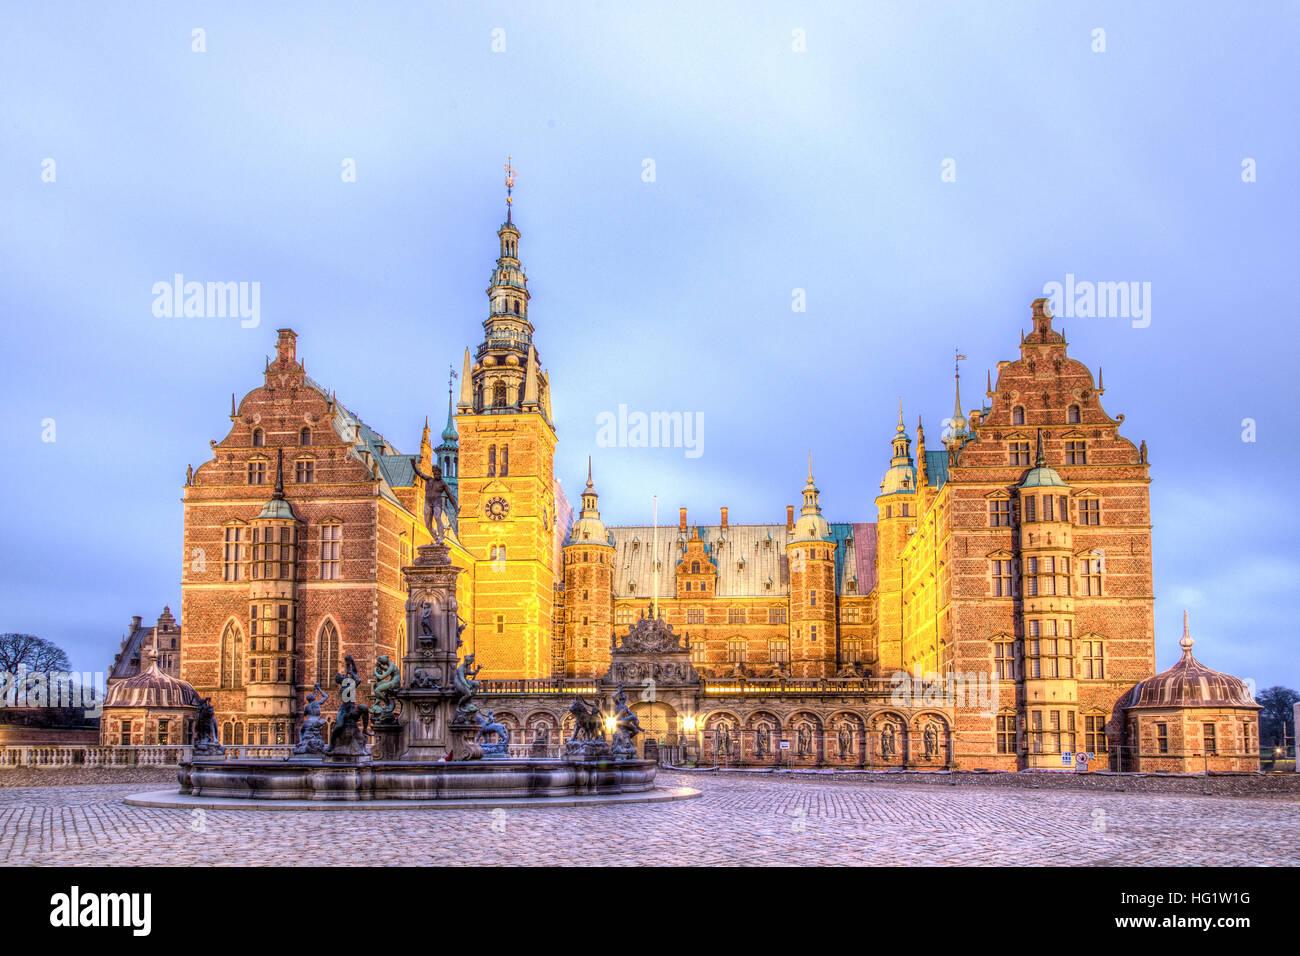 Hillerod, Danemark - 29 décembre 2016: Vue de l'allumé Frederiksborg Palace Photo Stock